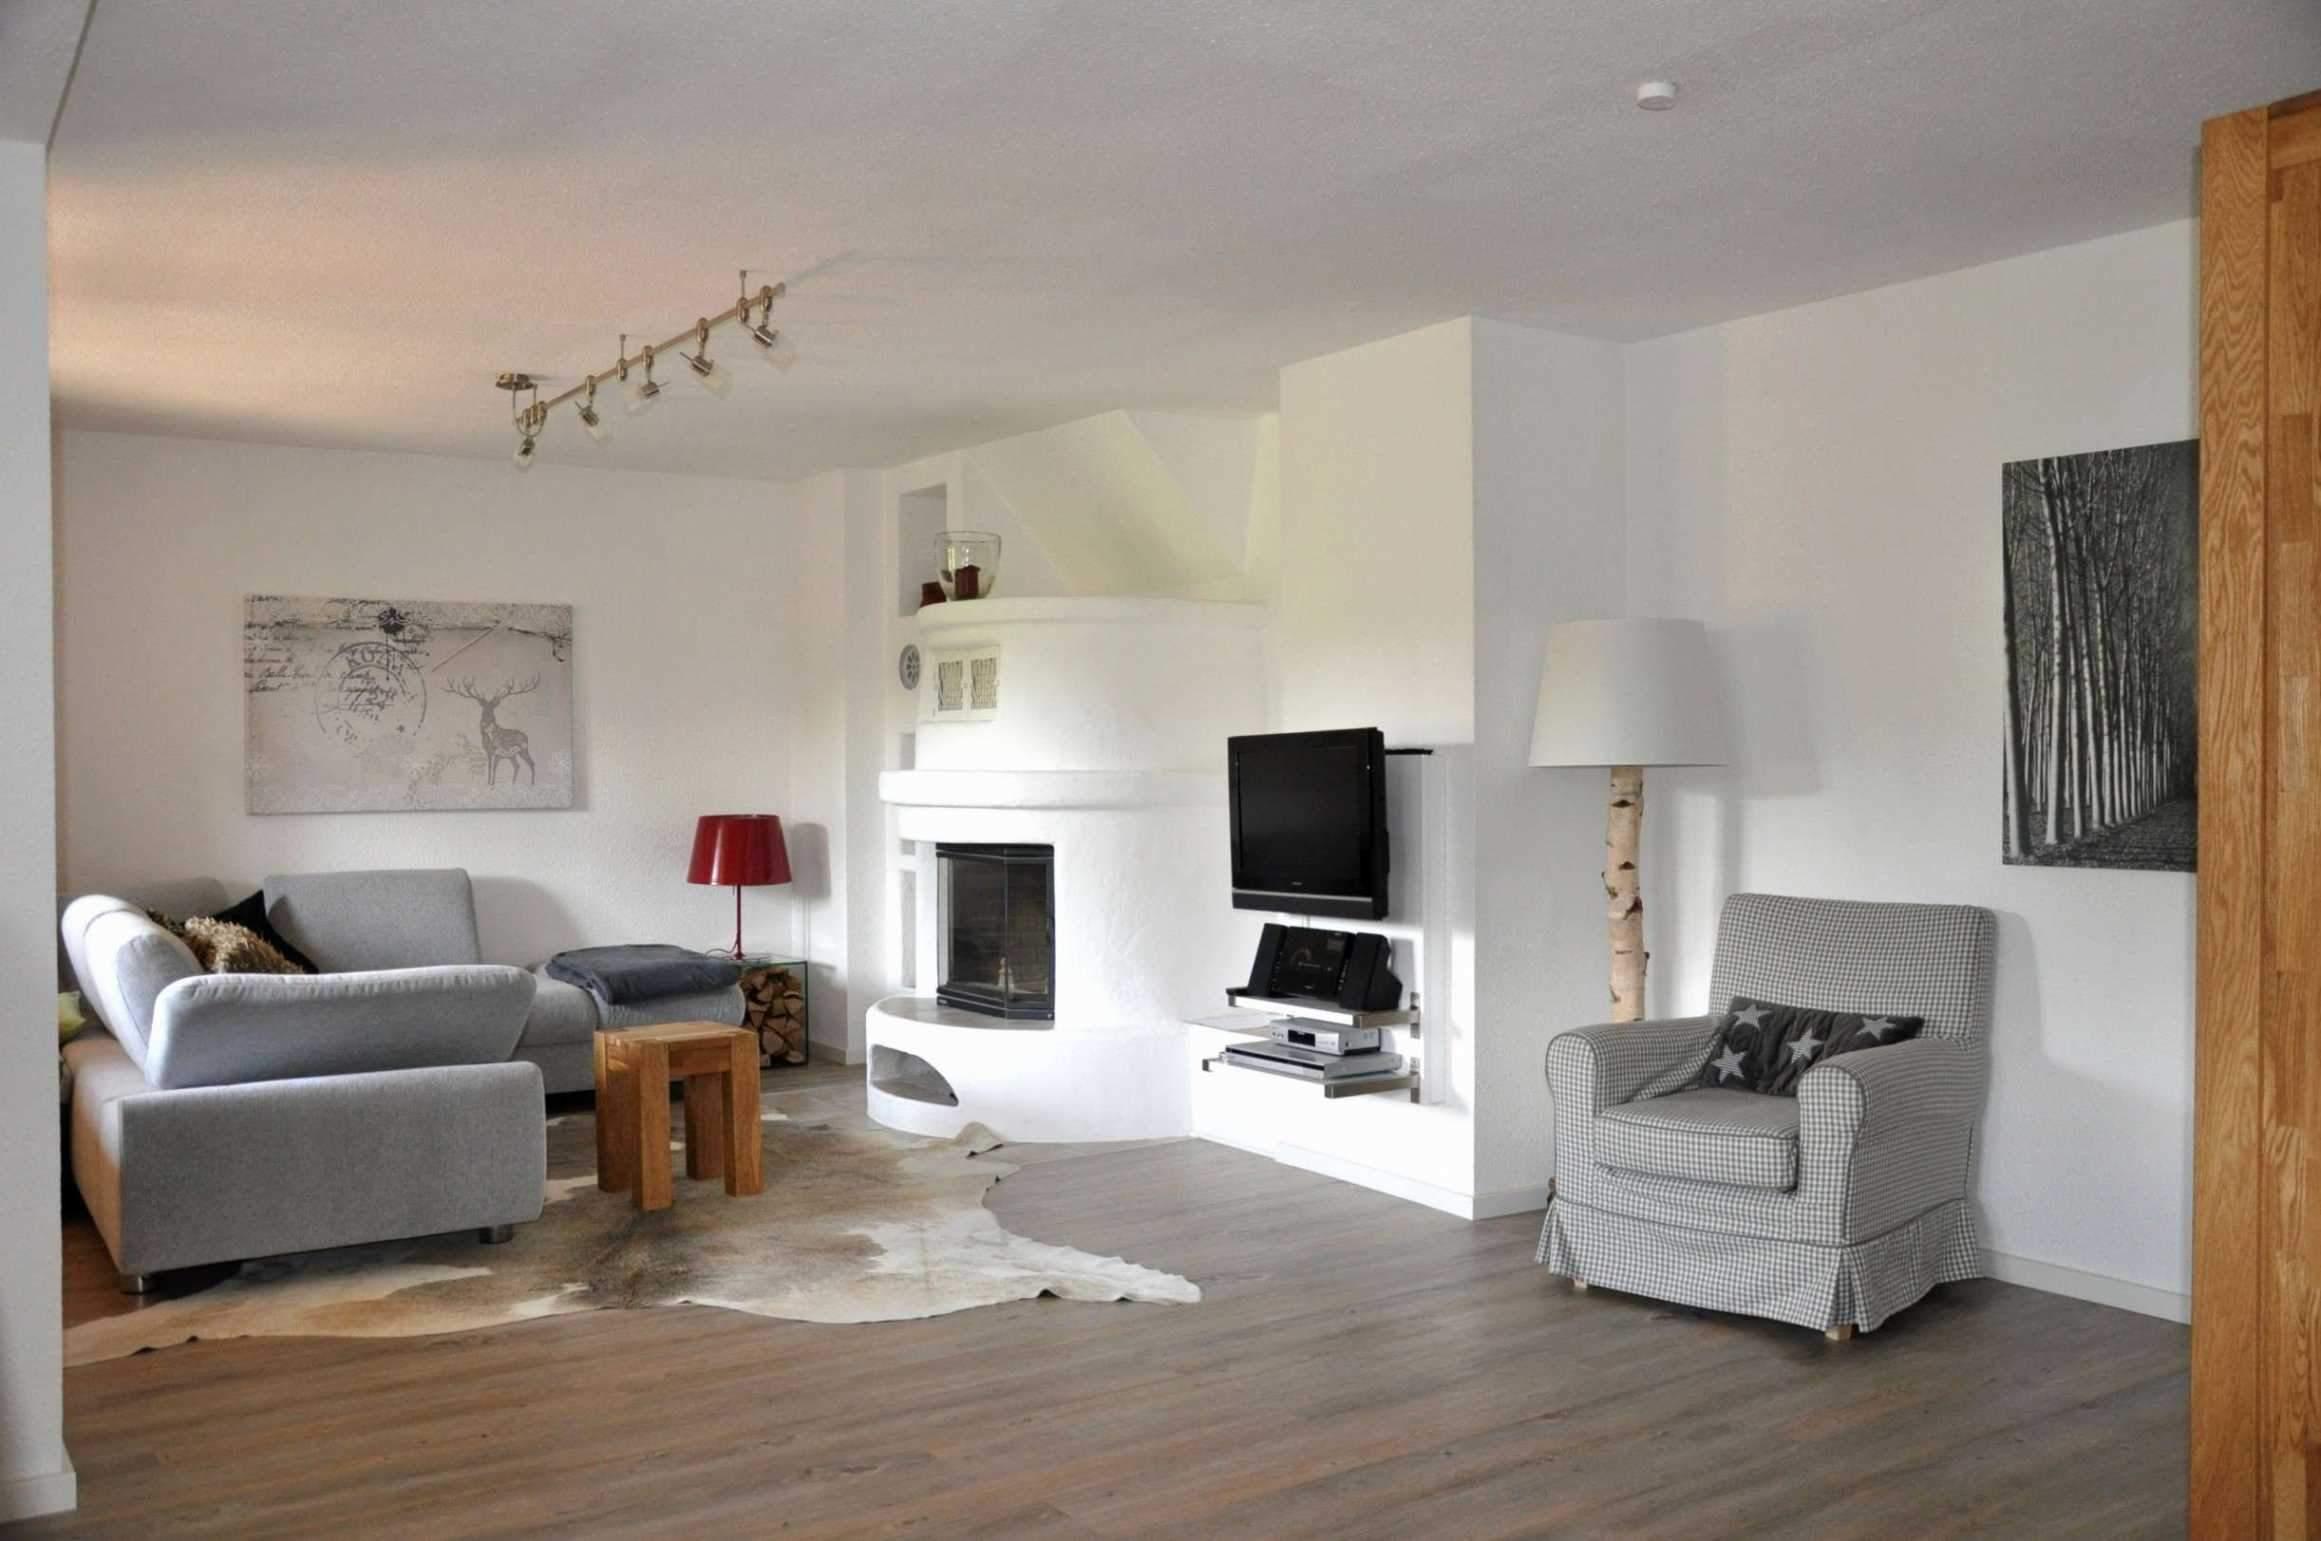 wohnzimmer ideen gemutlich inspirierend wand licht dekoration fresh wohnzimmer licht 0d design ideen of wohnzimmer ideen gemutlich